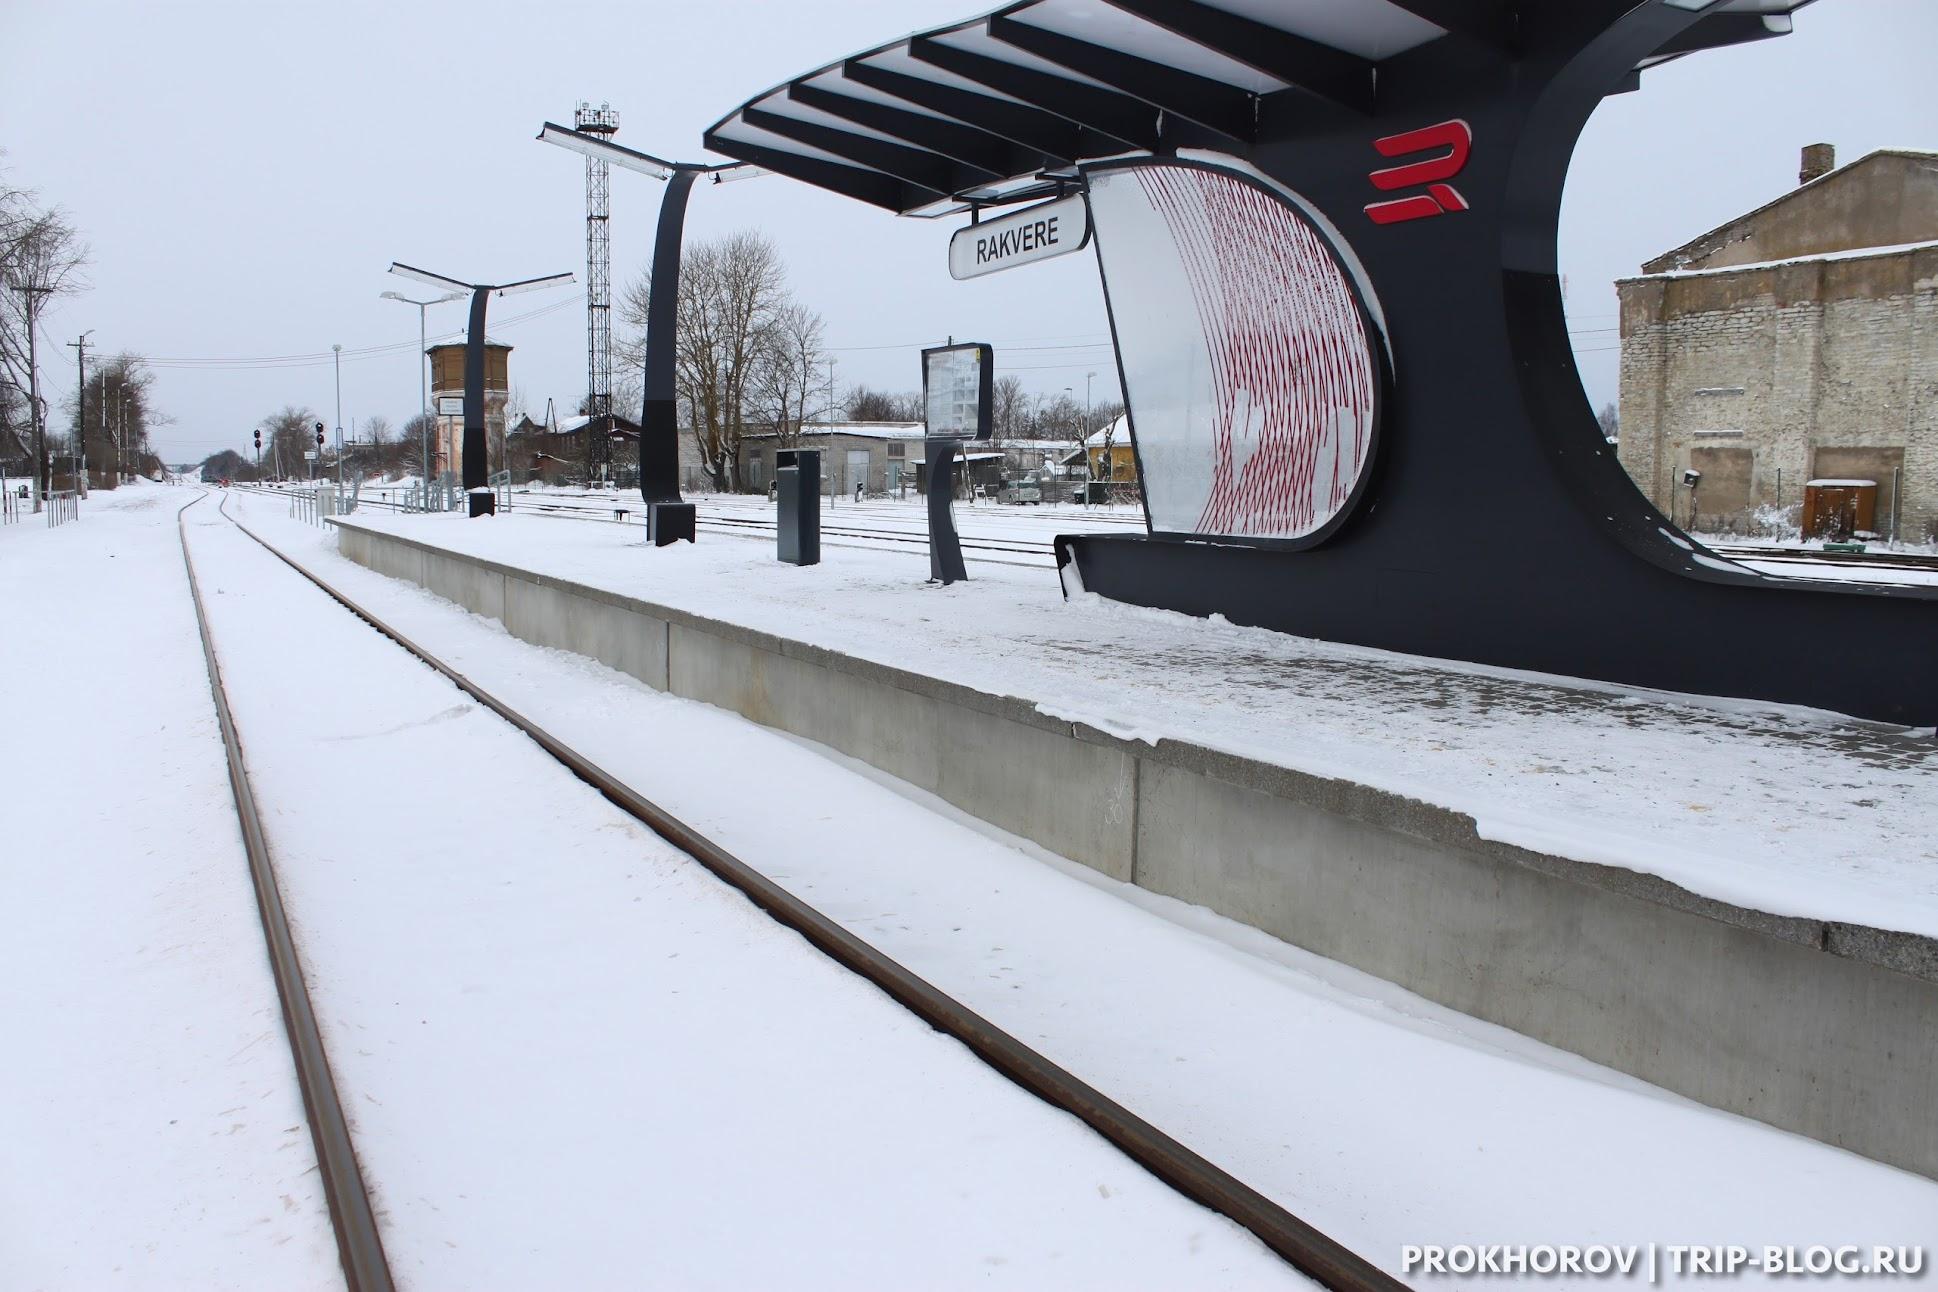 Ж/д станция Раквере